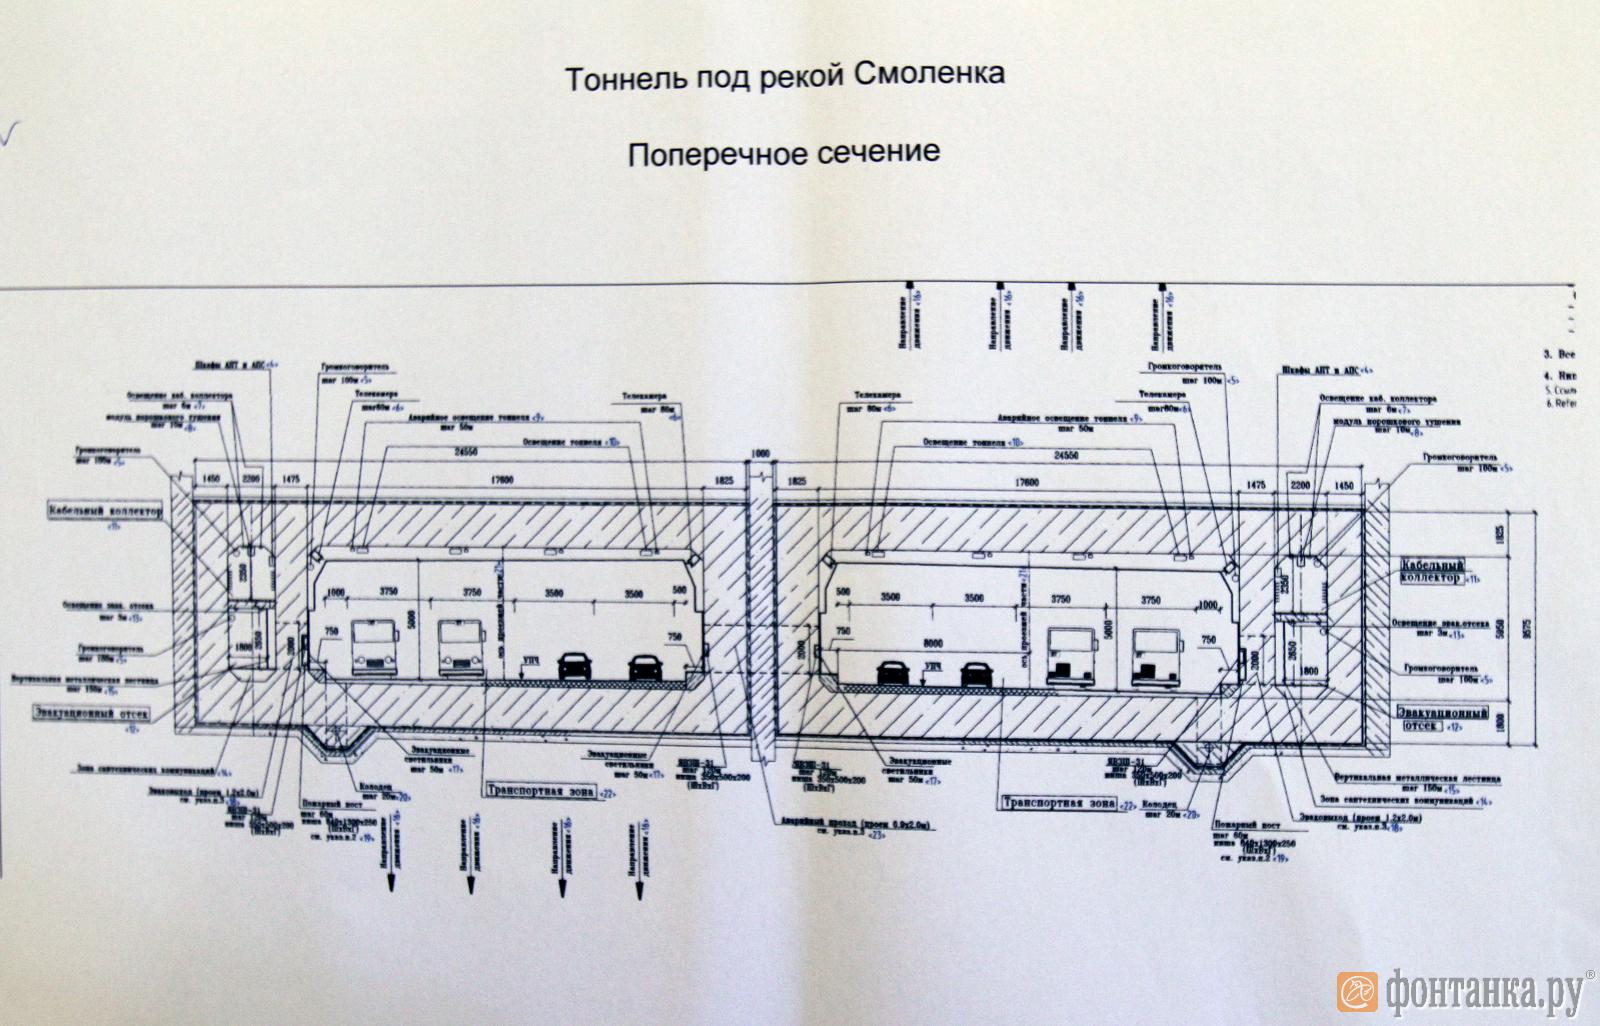 Тоннель под рекой Смоленкой